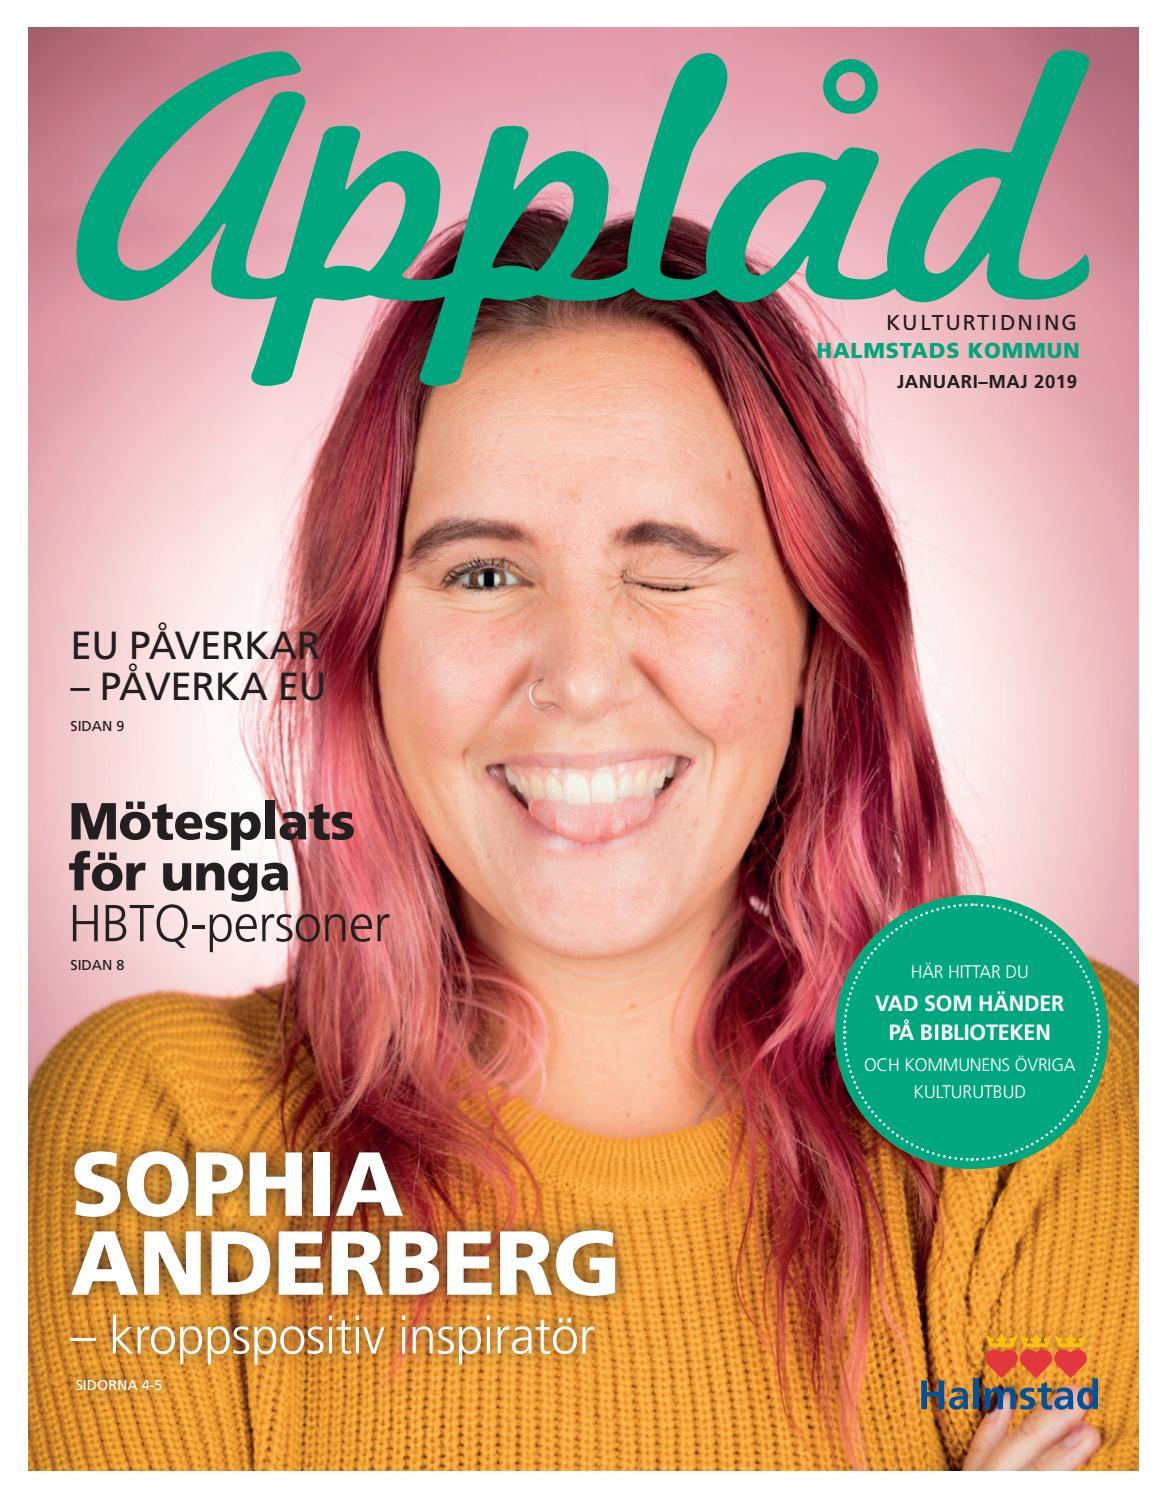 Serneke bygger hyreslgenheter i Halmstad - Dagens